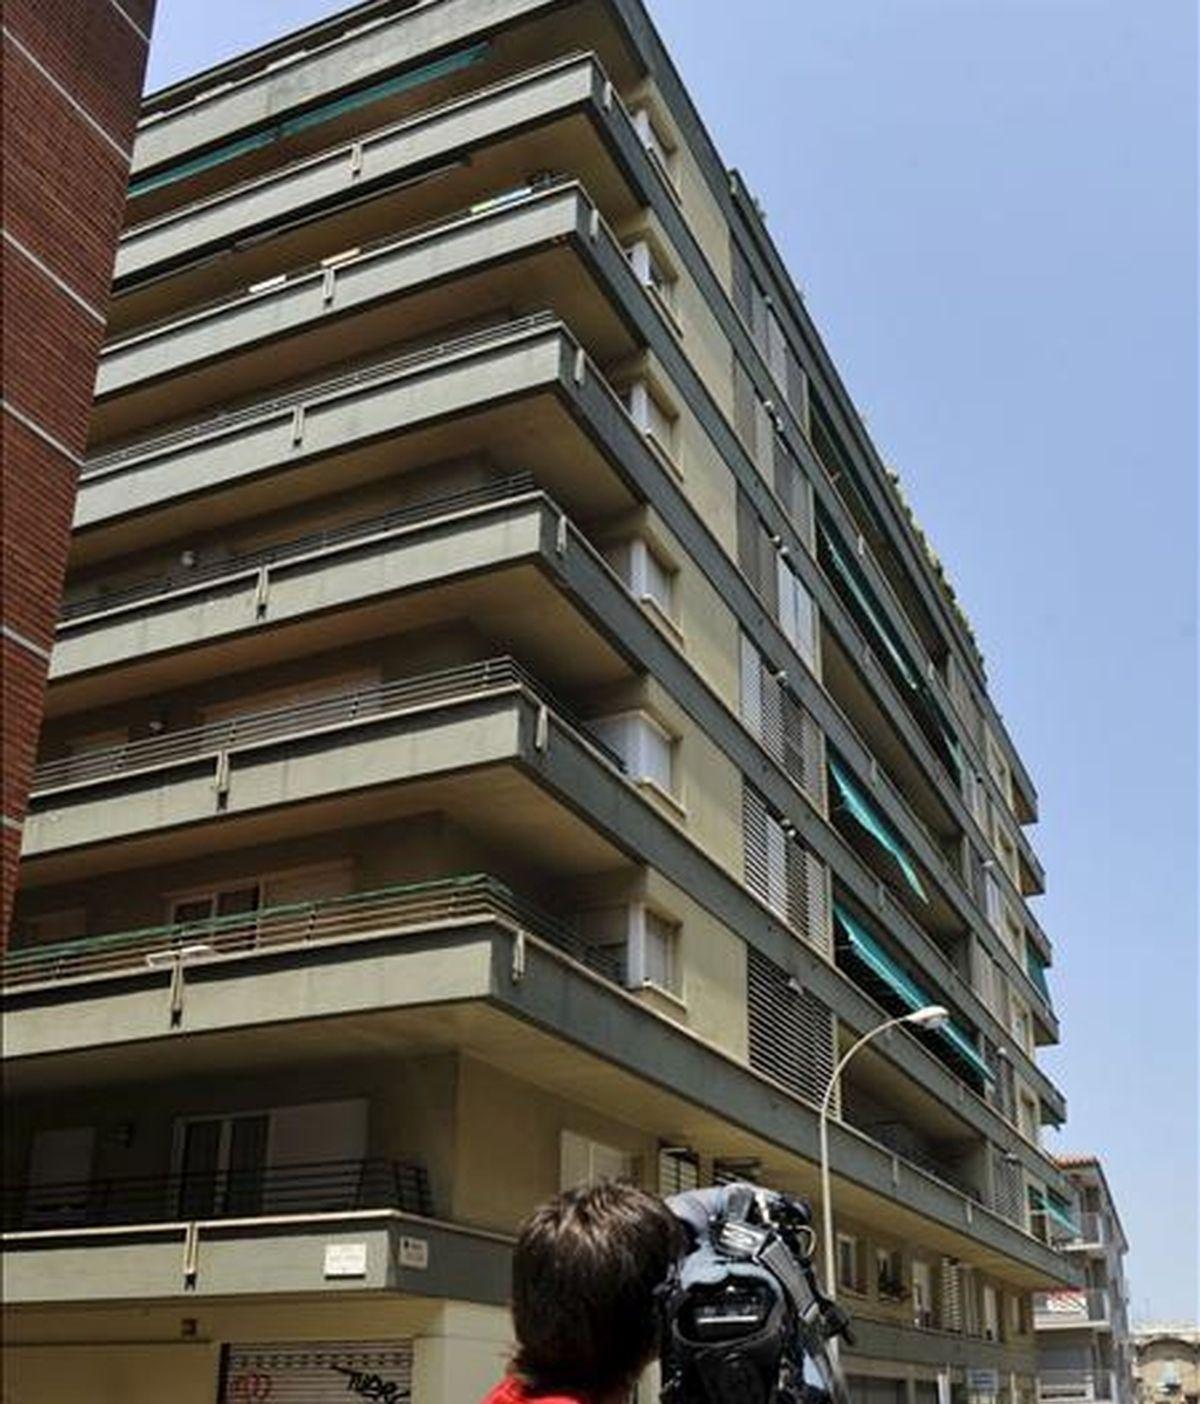 Vista del edificio de la calle Riu Sert de Girona, desde donde esta mañana ha sido lanzada una mujer por un hombre que habría accedido al domicilio y que posteriormente ha sido detenido por la fuerza pública. EFE